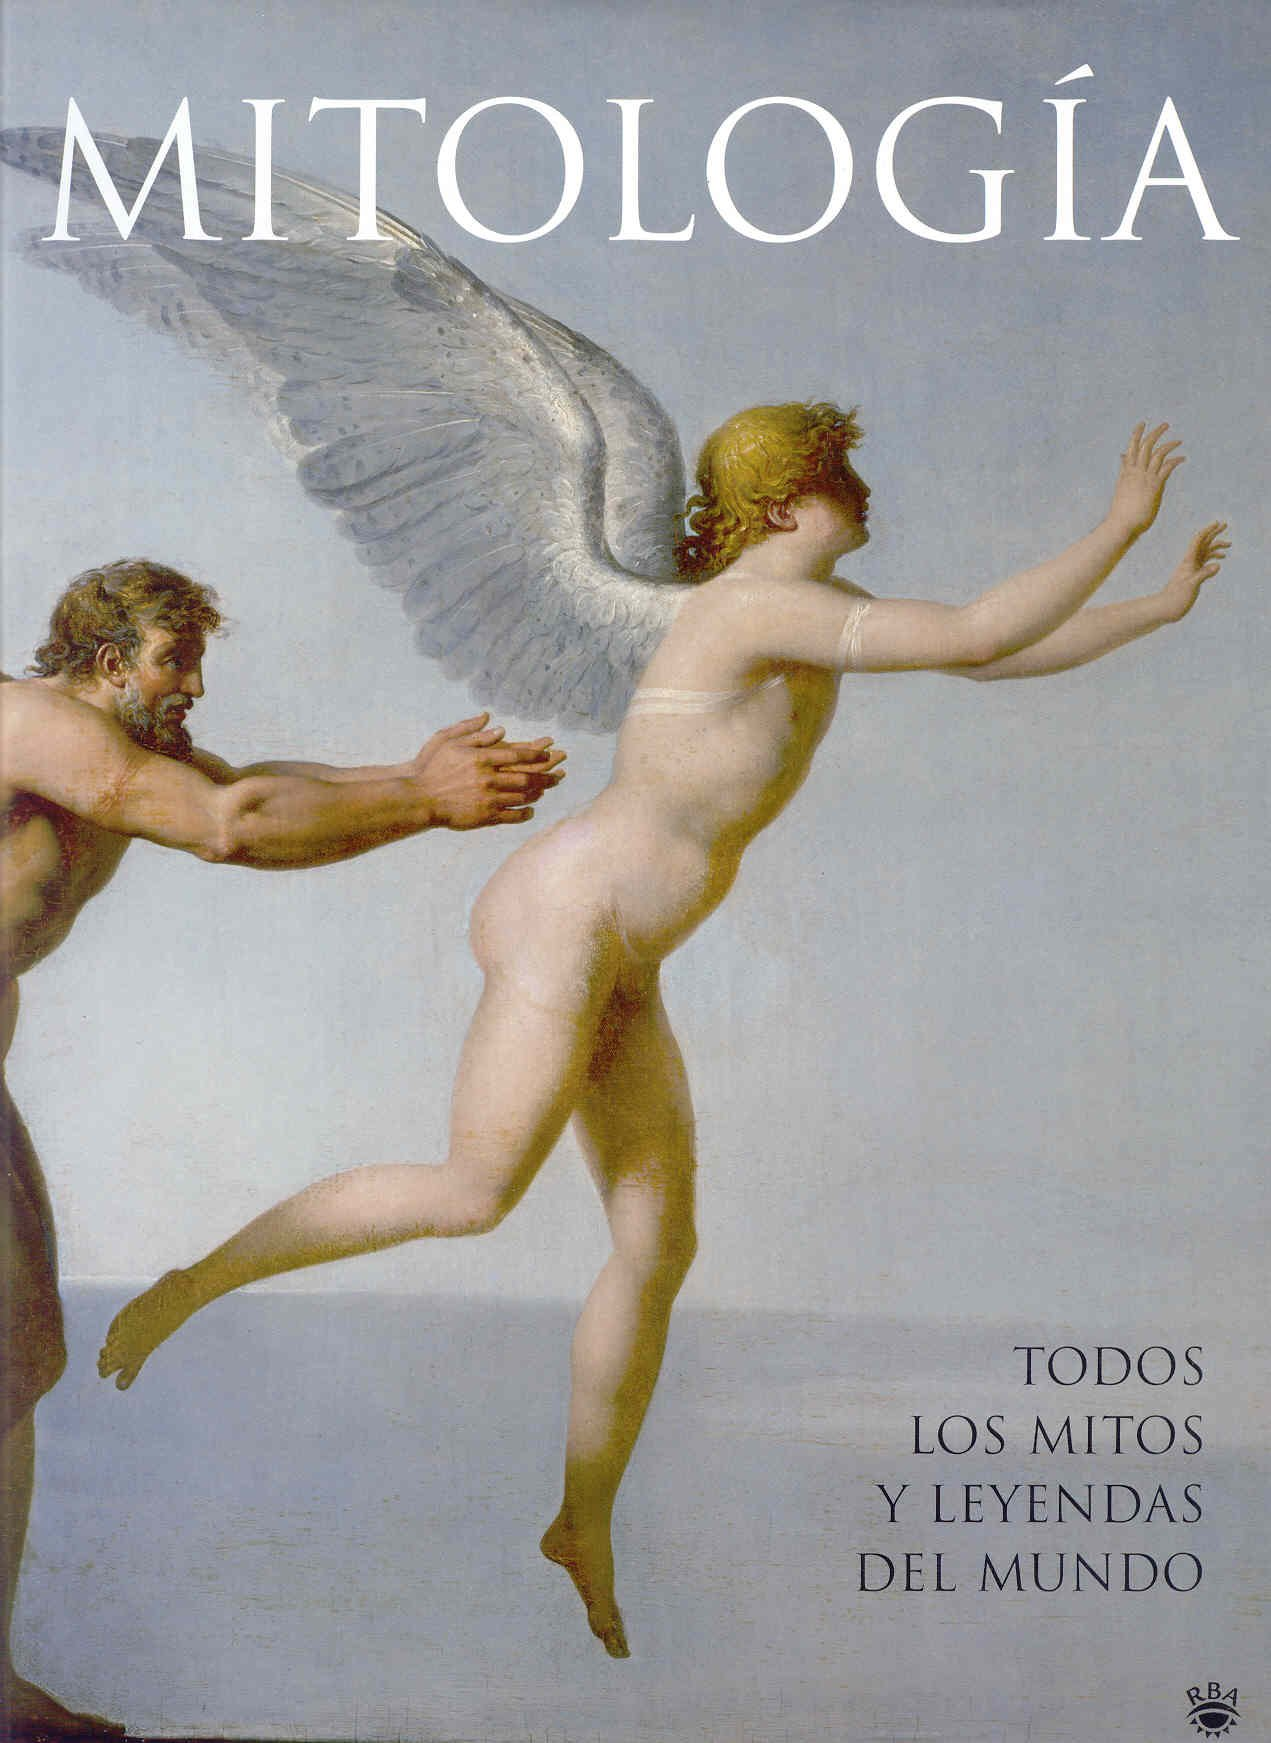 Mitología: Todos los mitos y leyendas del mundo: 112 OTROS NO FICCIÓN: Amazon.es: VARIOS, Alcaina Pérez, Ana: Libros